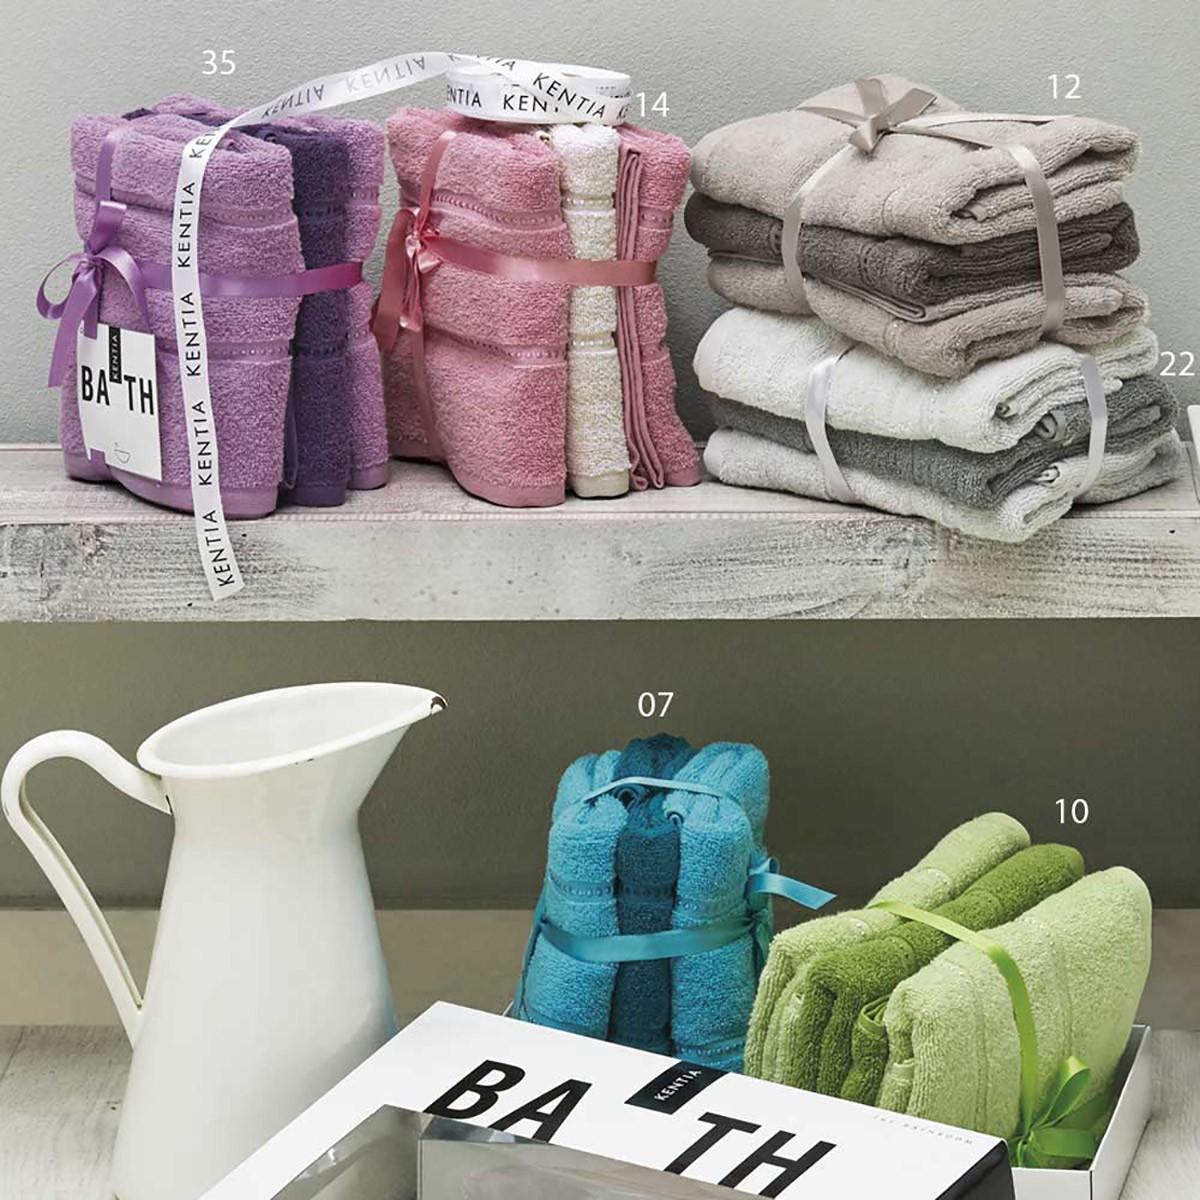 Πετσέτες Προσώπου (Σετ 3τμχ) Kentia Akira